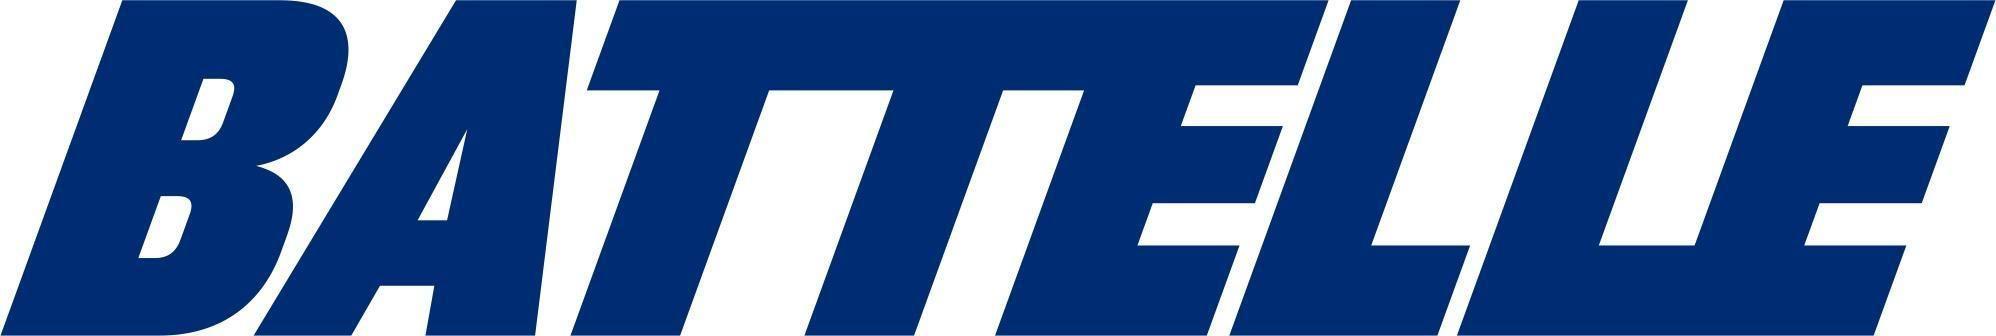 Battelle Logo - LogoDix